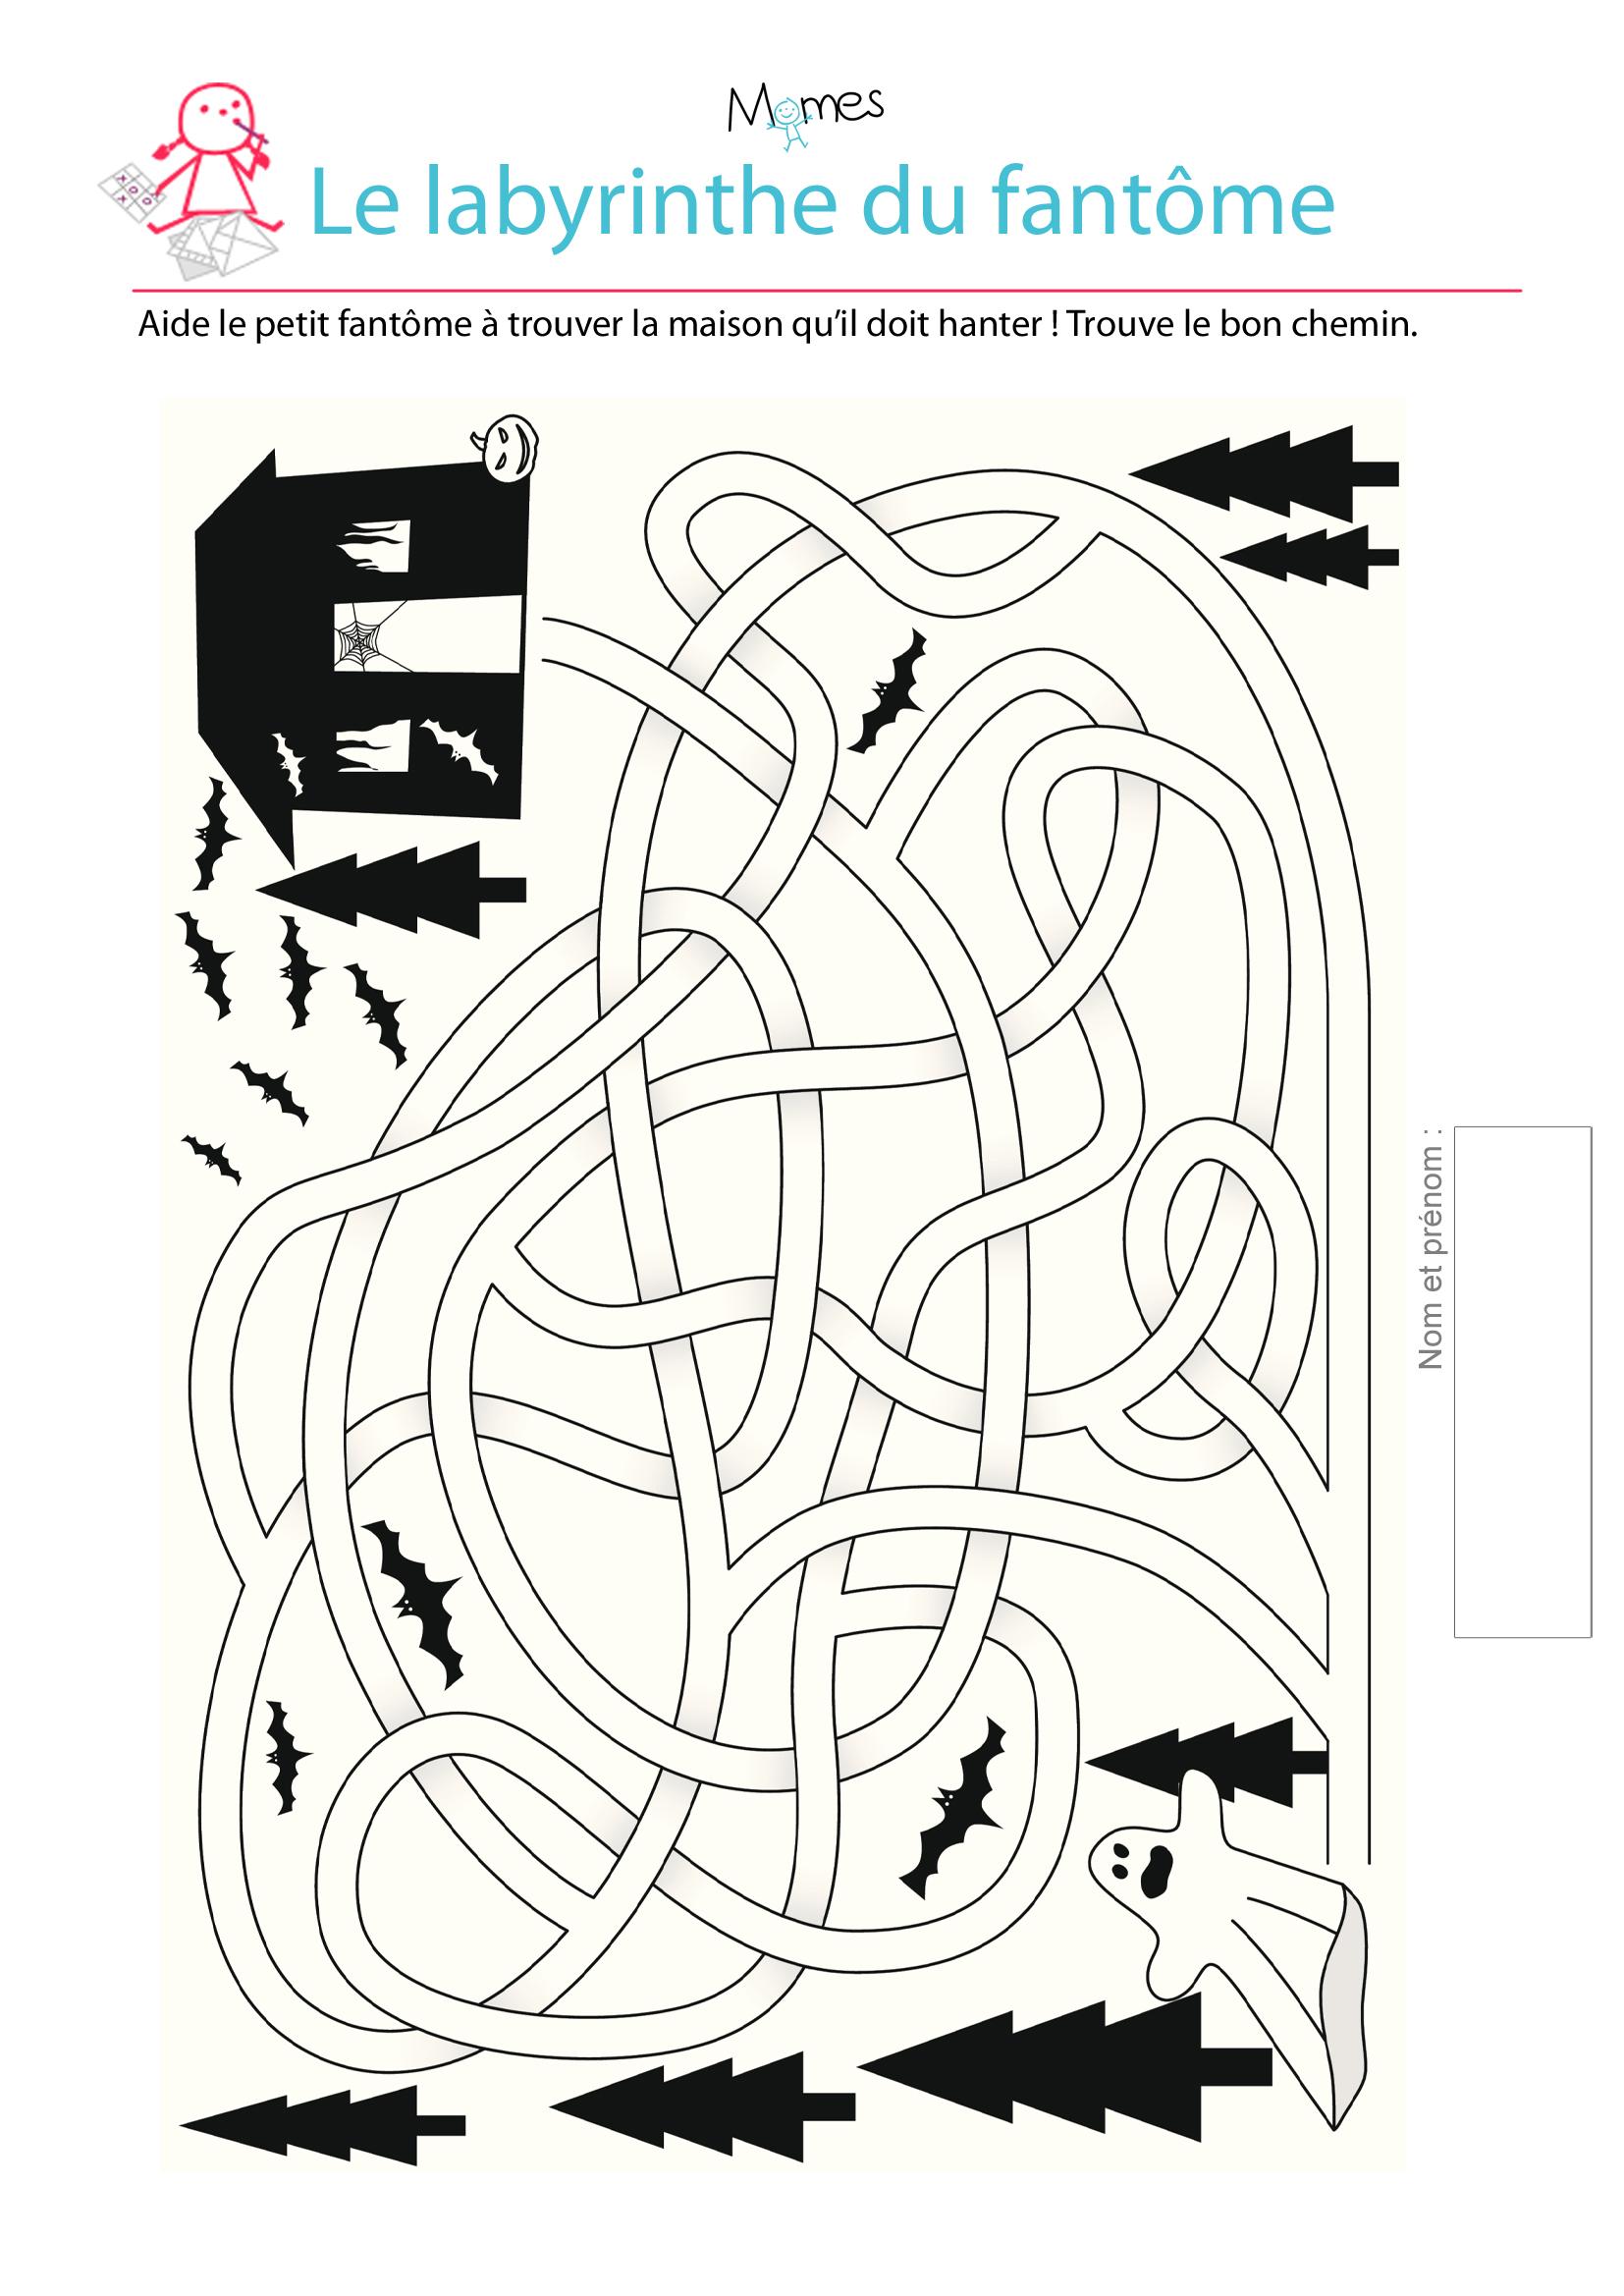 Labyrinthe du fantome - Jeux labyrinthe a imprimer ...